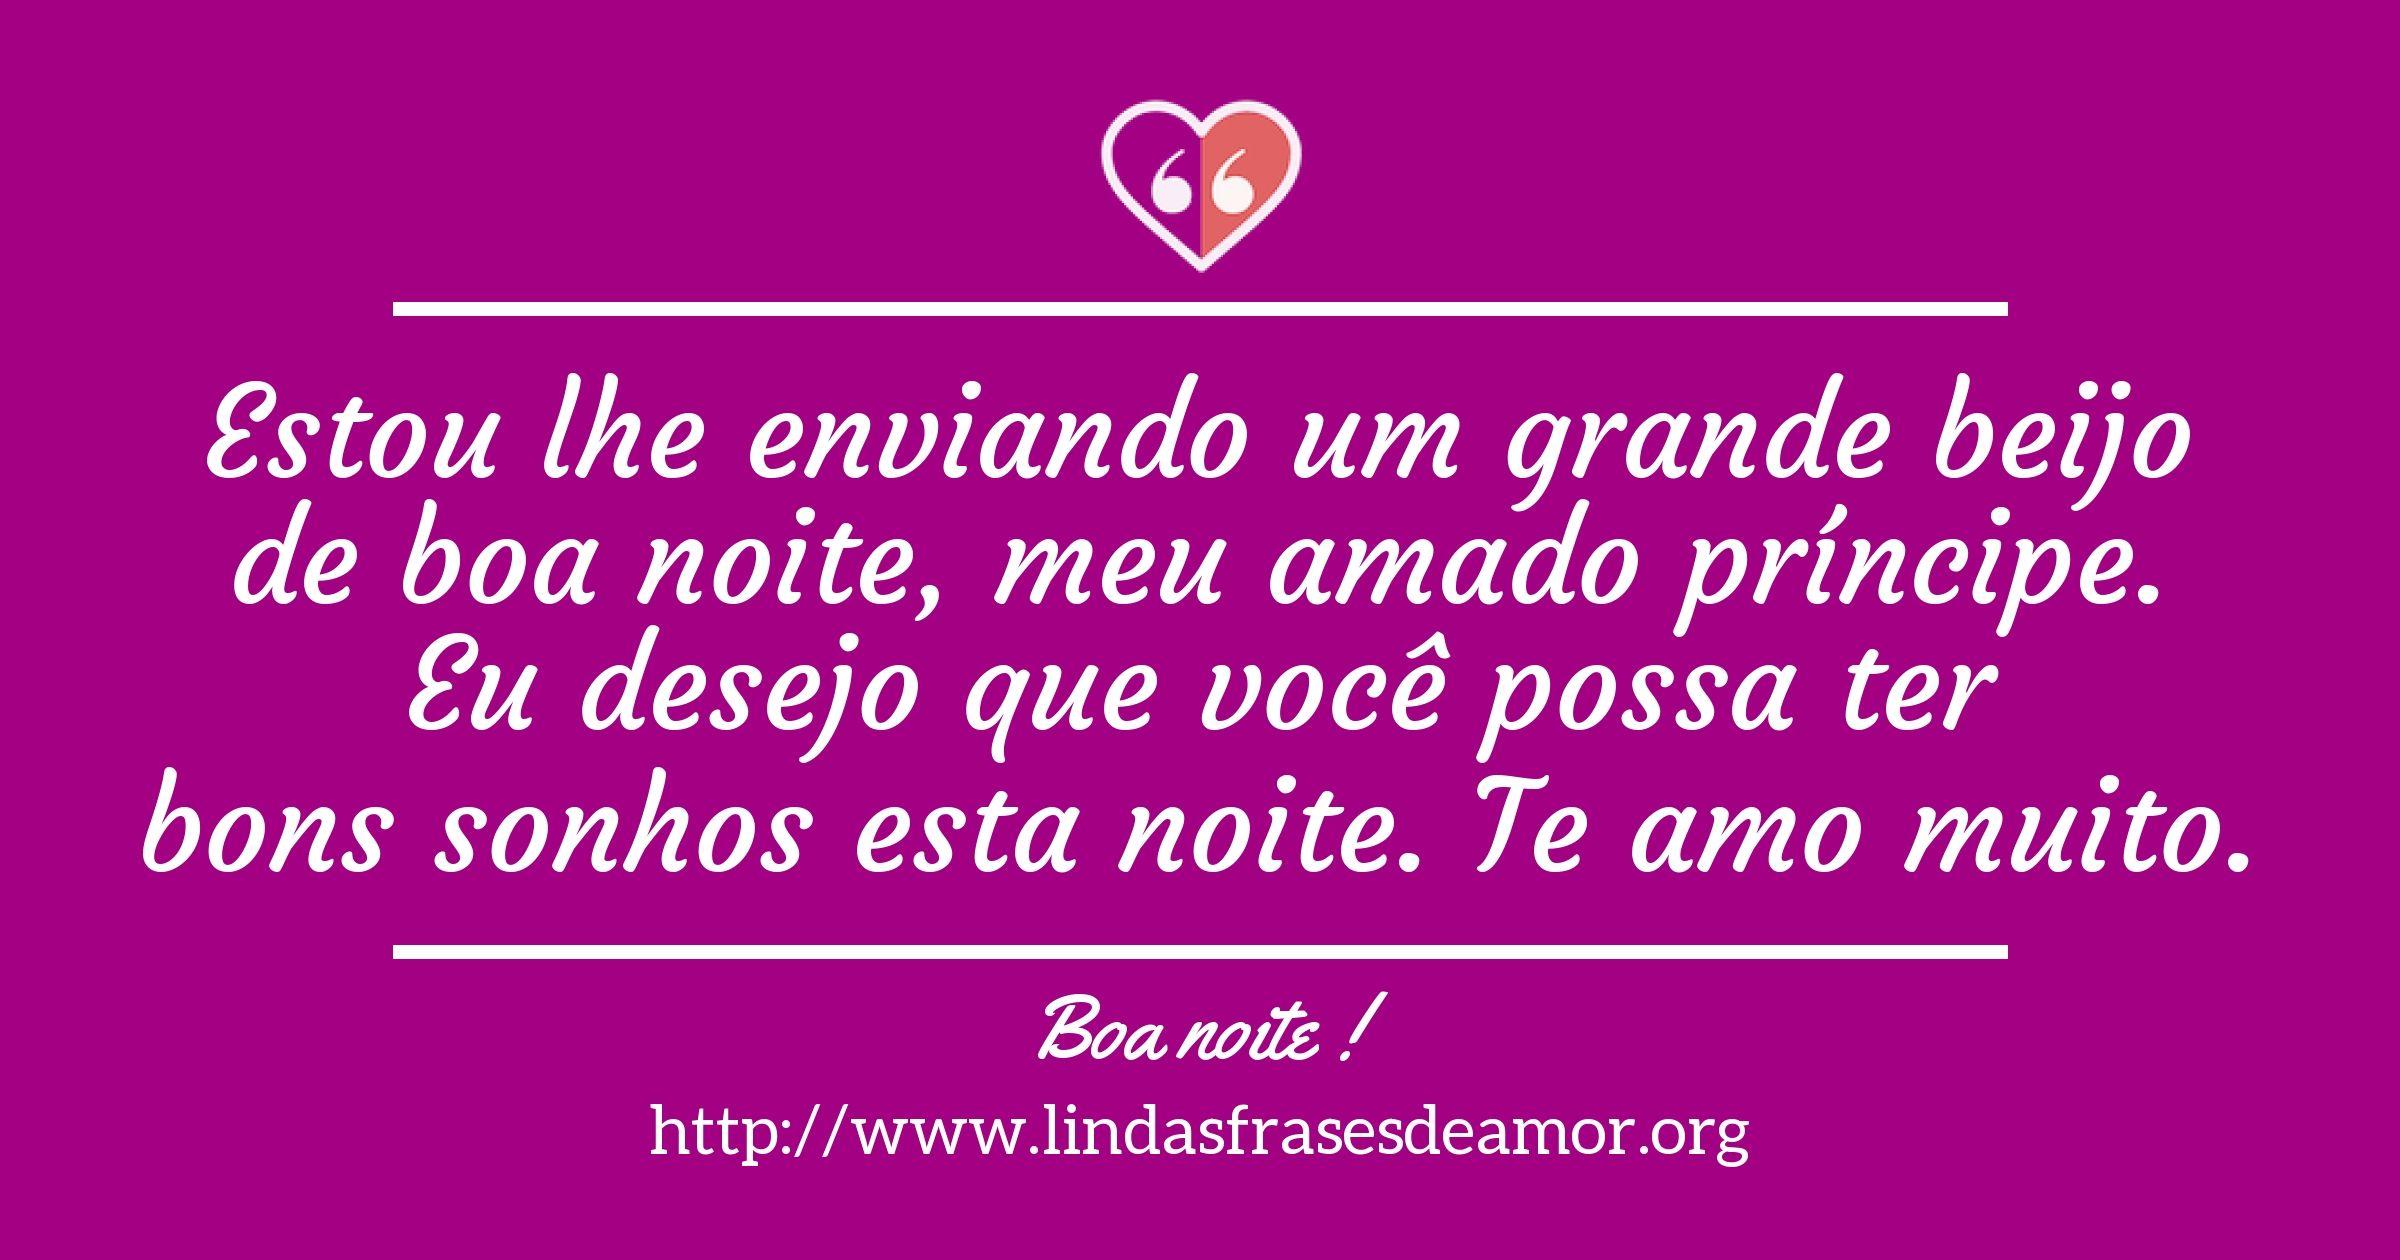 Amo Voce Boa Noite Amor: Estou Lhe Enviando Um Grande Beijo De Boa Noite, Meu Amado